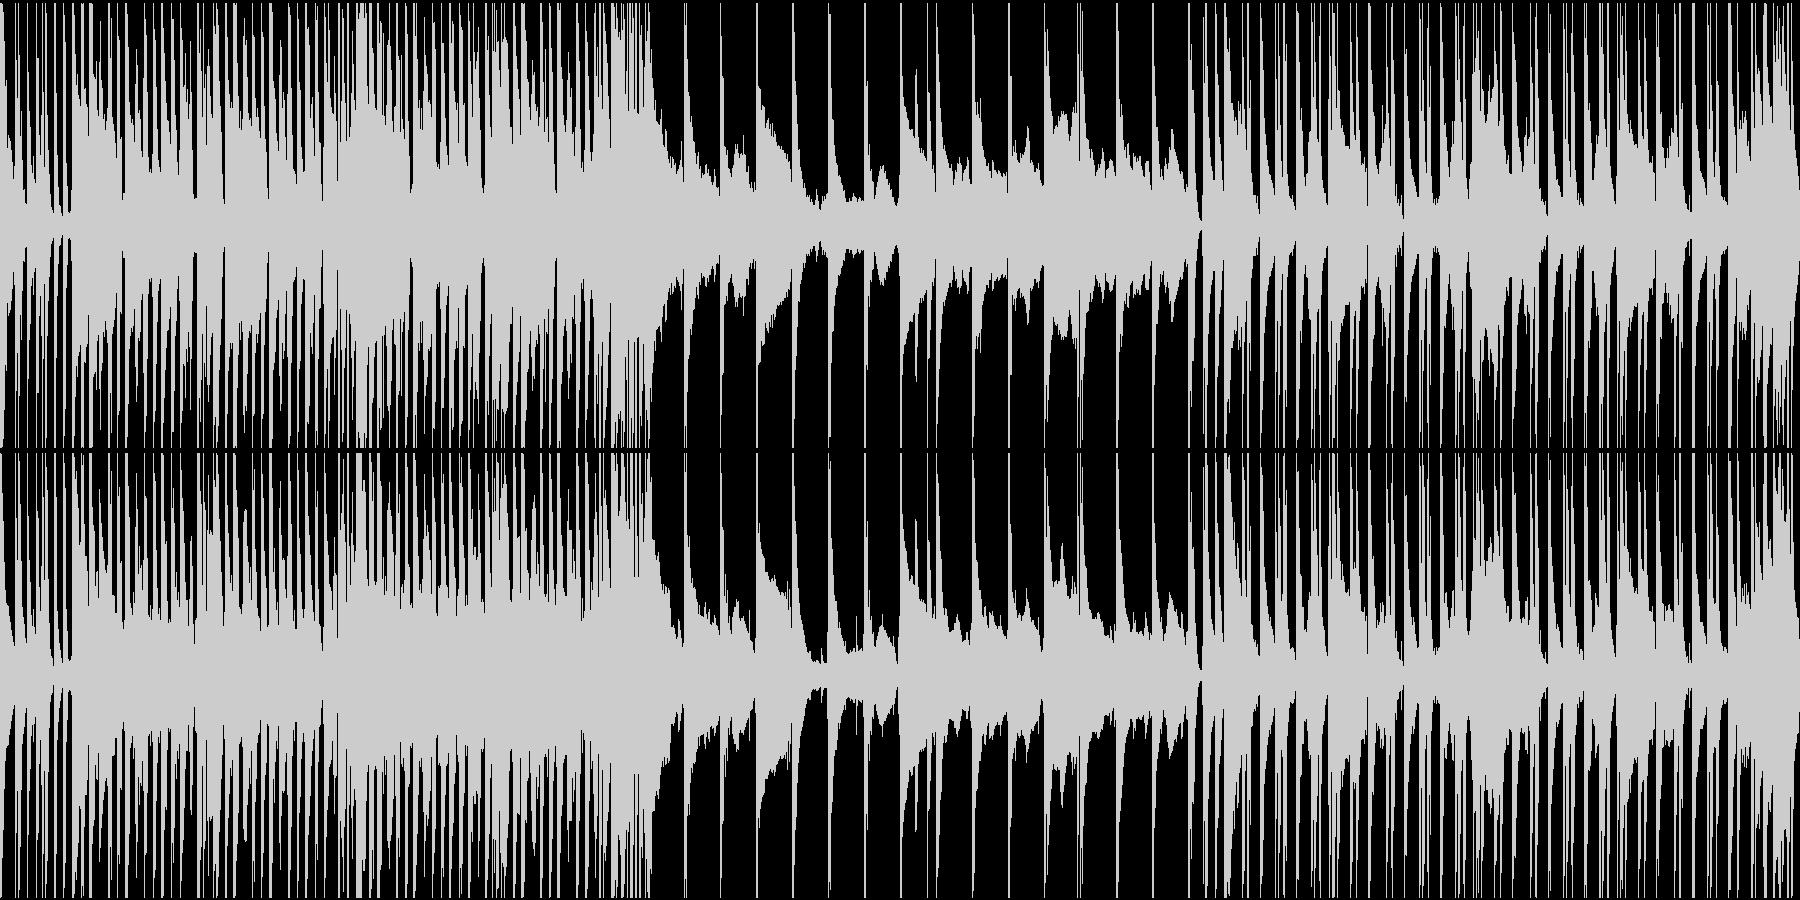 エンタメショー風ヒップホップループの未再生の波形